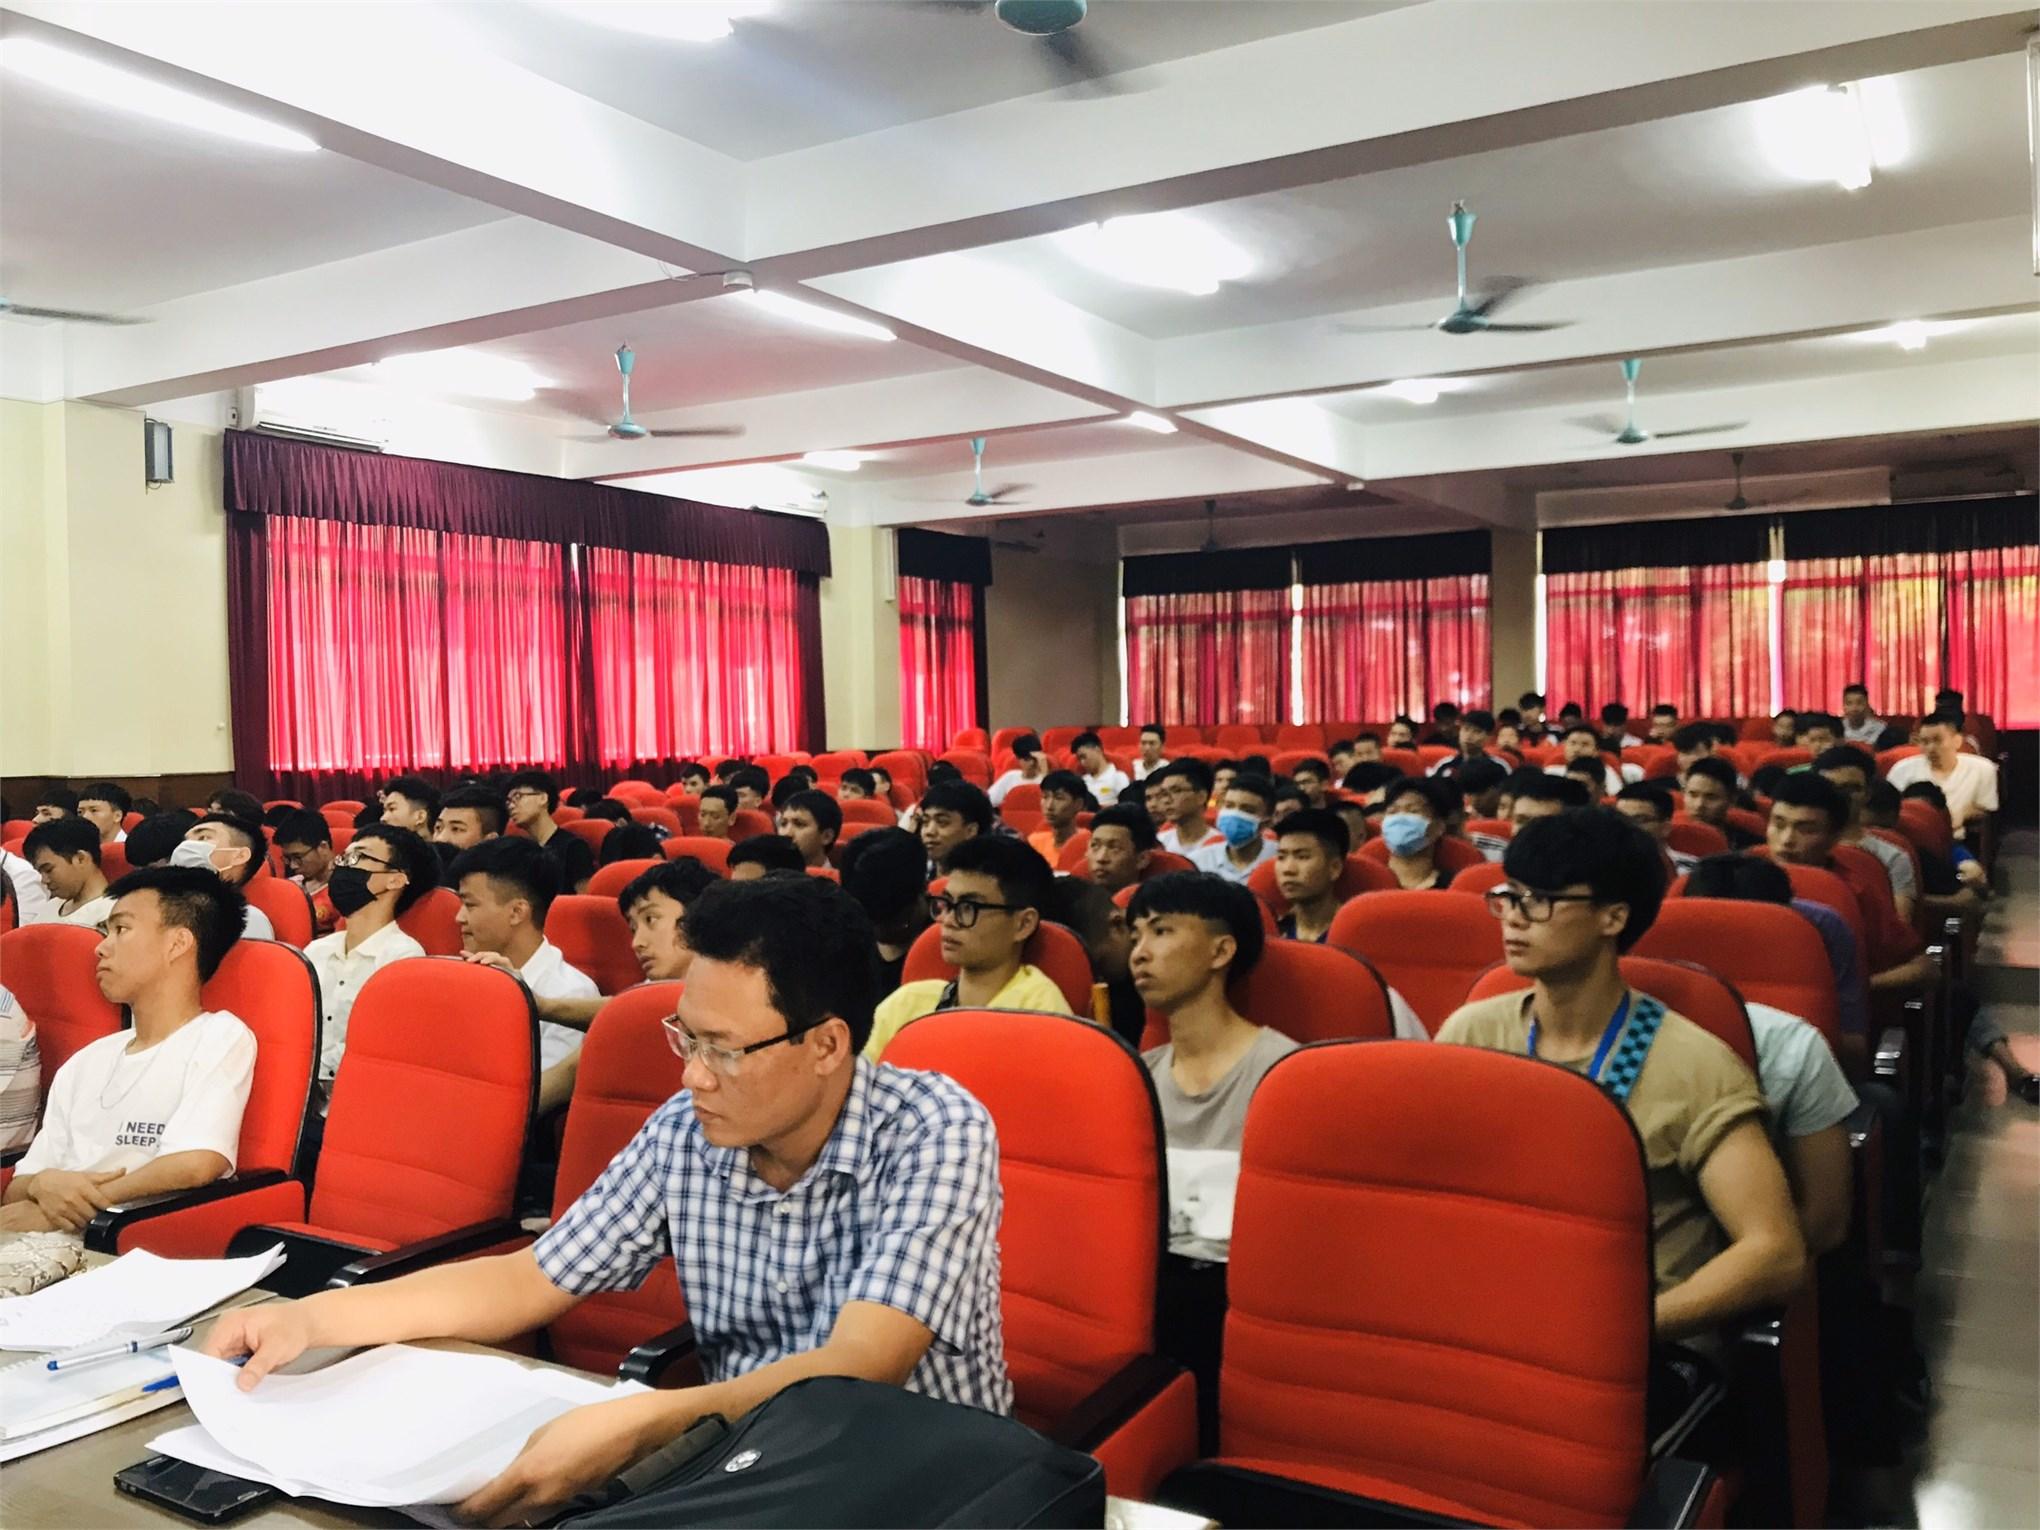 Cố vấn học tập và định hướng nghề nghiệp cho sinh viên hệ Đại học -K14